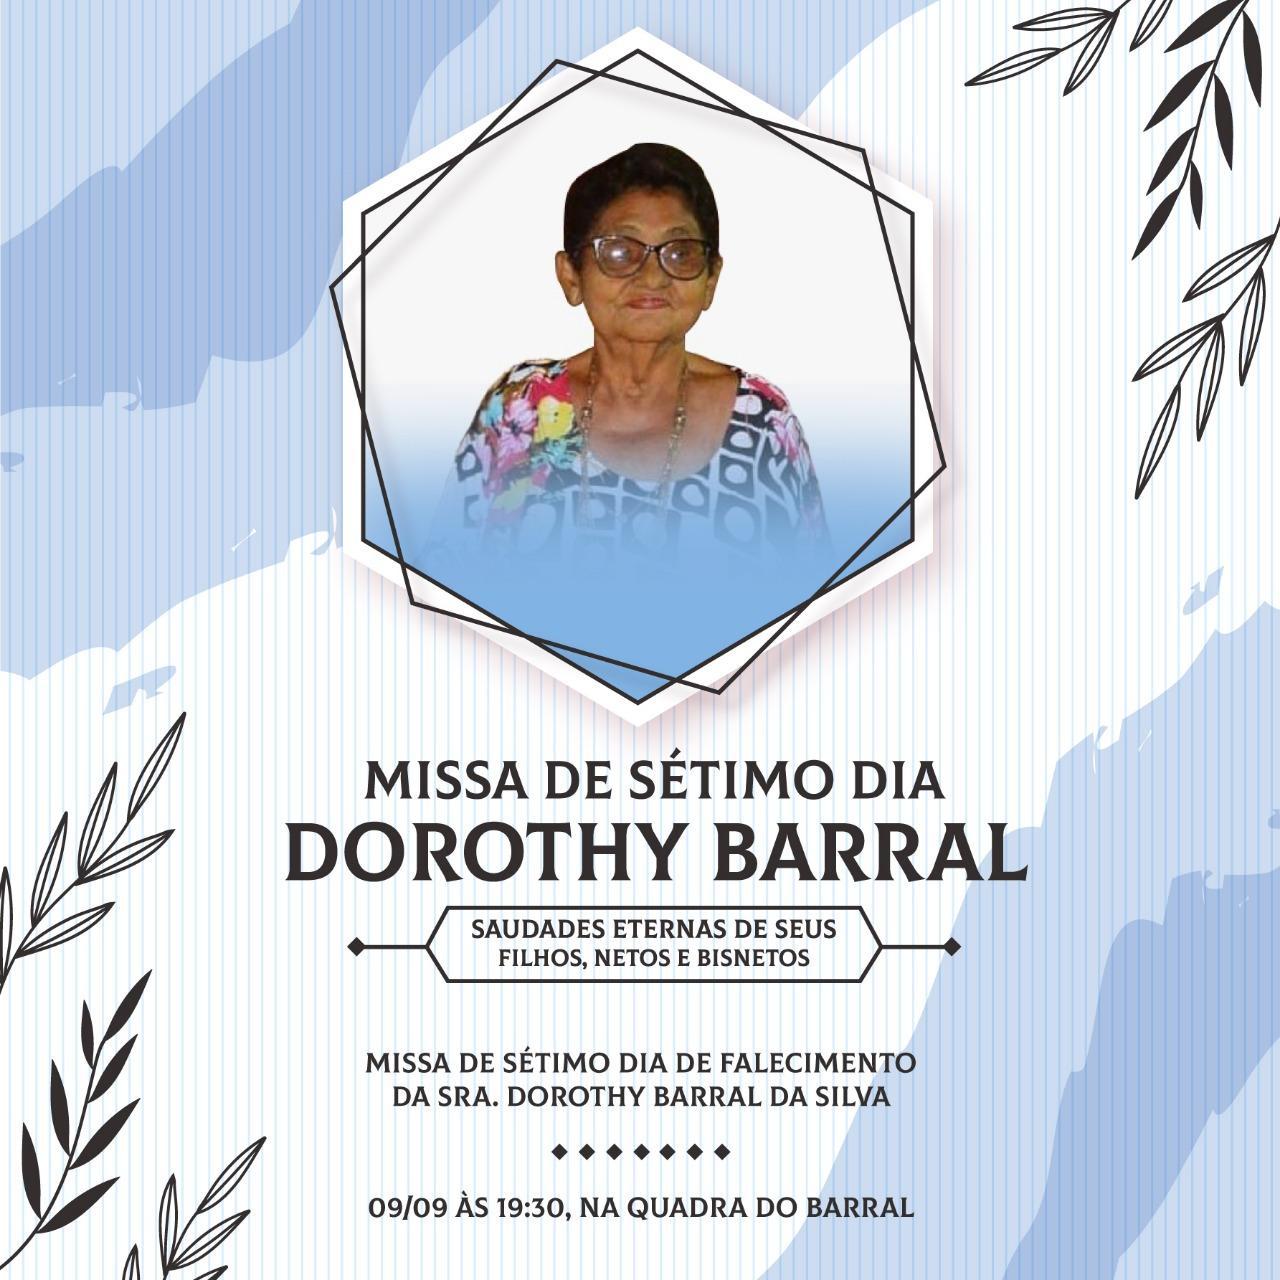 Nota pesar -missa de sétimo dia - Sra. Dorothy Barral